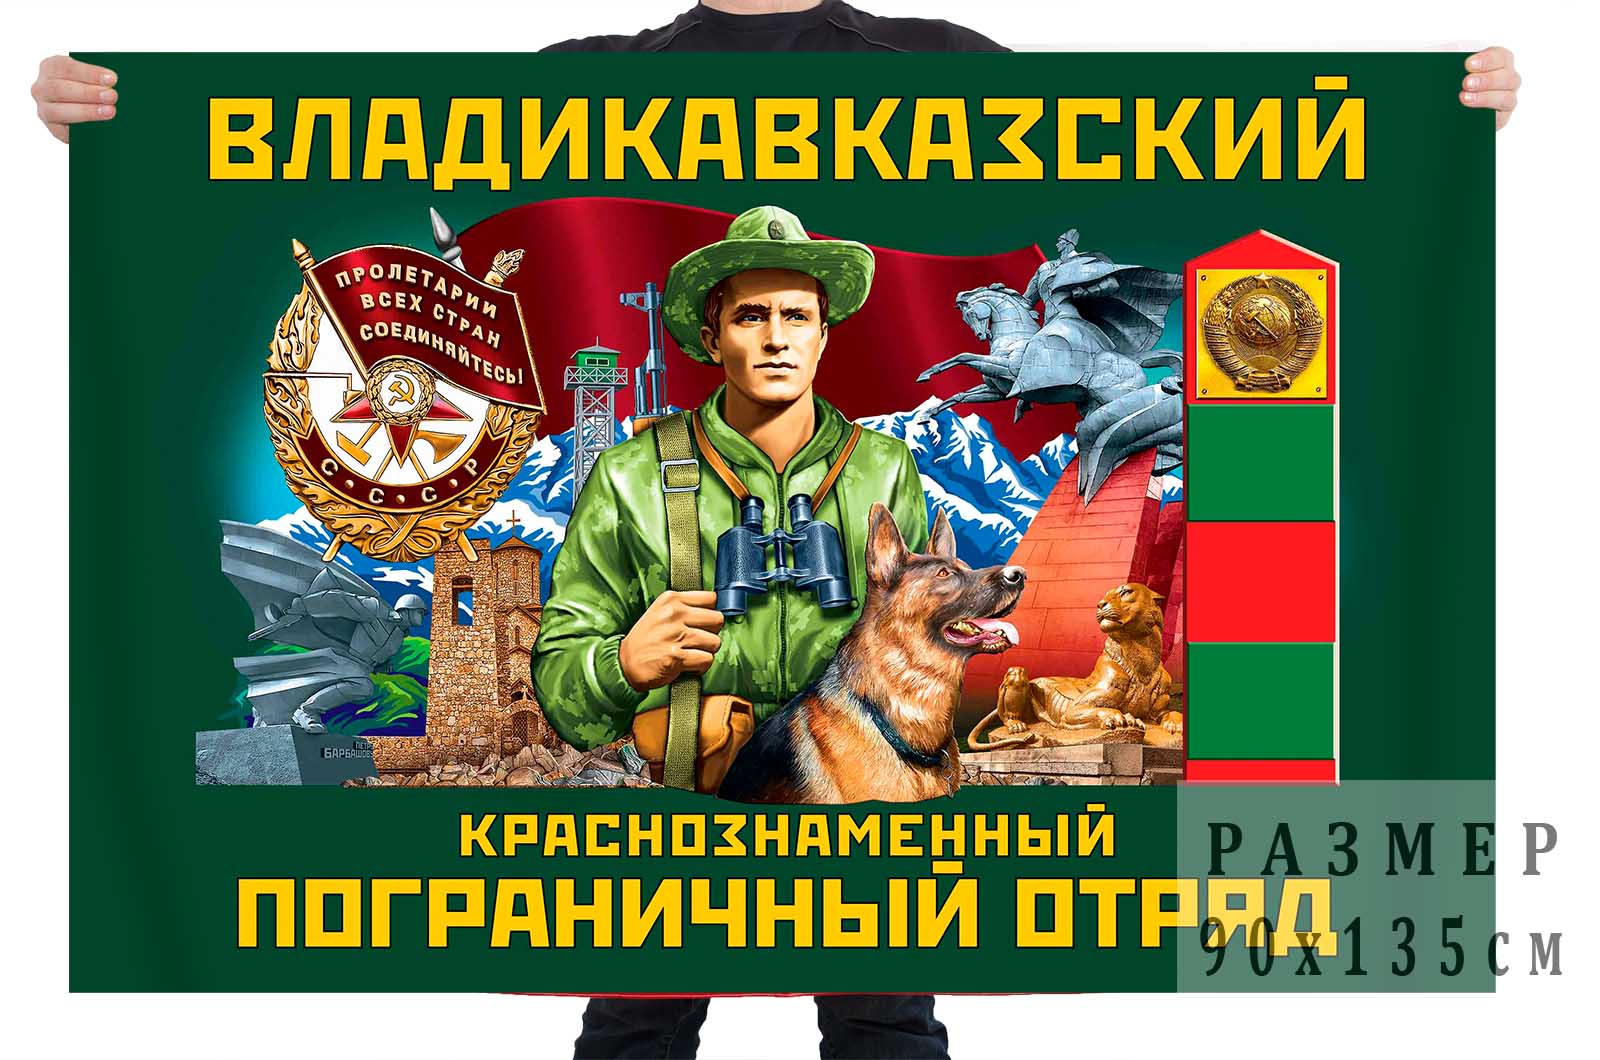 Флаг Владикавказского Краснознамённого пограничного отряда